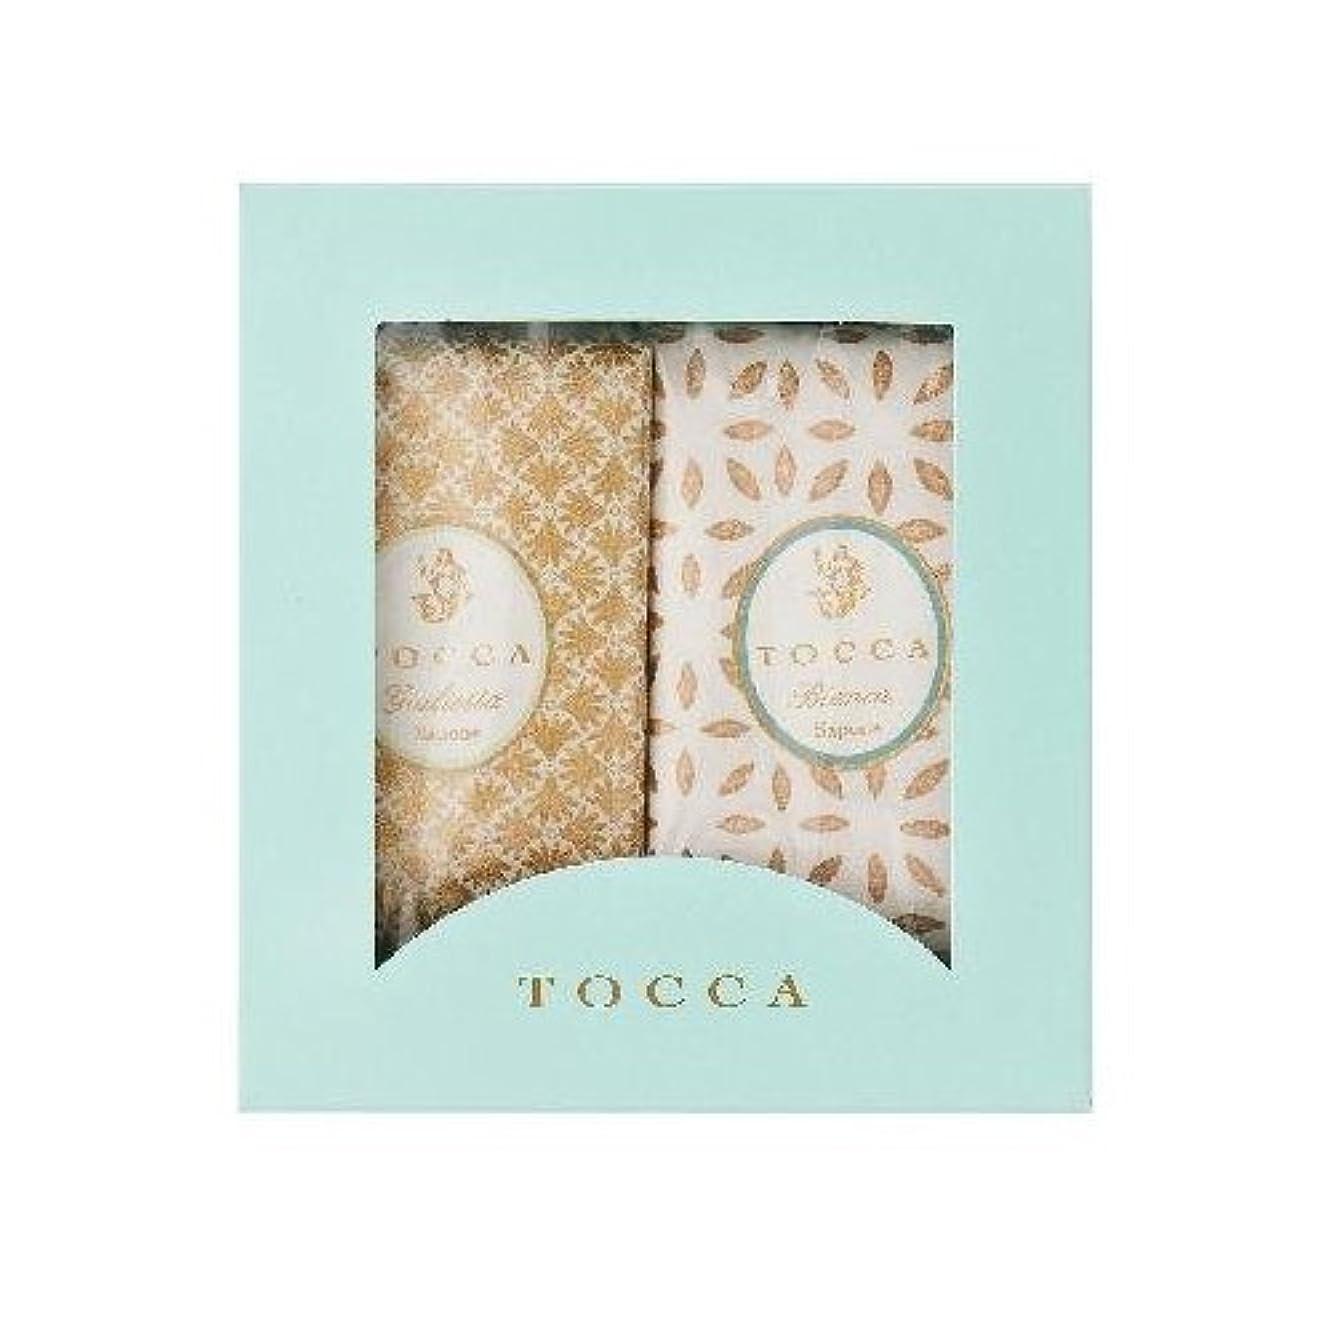 泣き叫ぶパン介入するトッカ(TOCCA) ソープバーBOXギフト 113g×2個 (ジュリエッタ & ビアンカ 箱入りギフト)